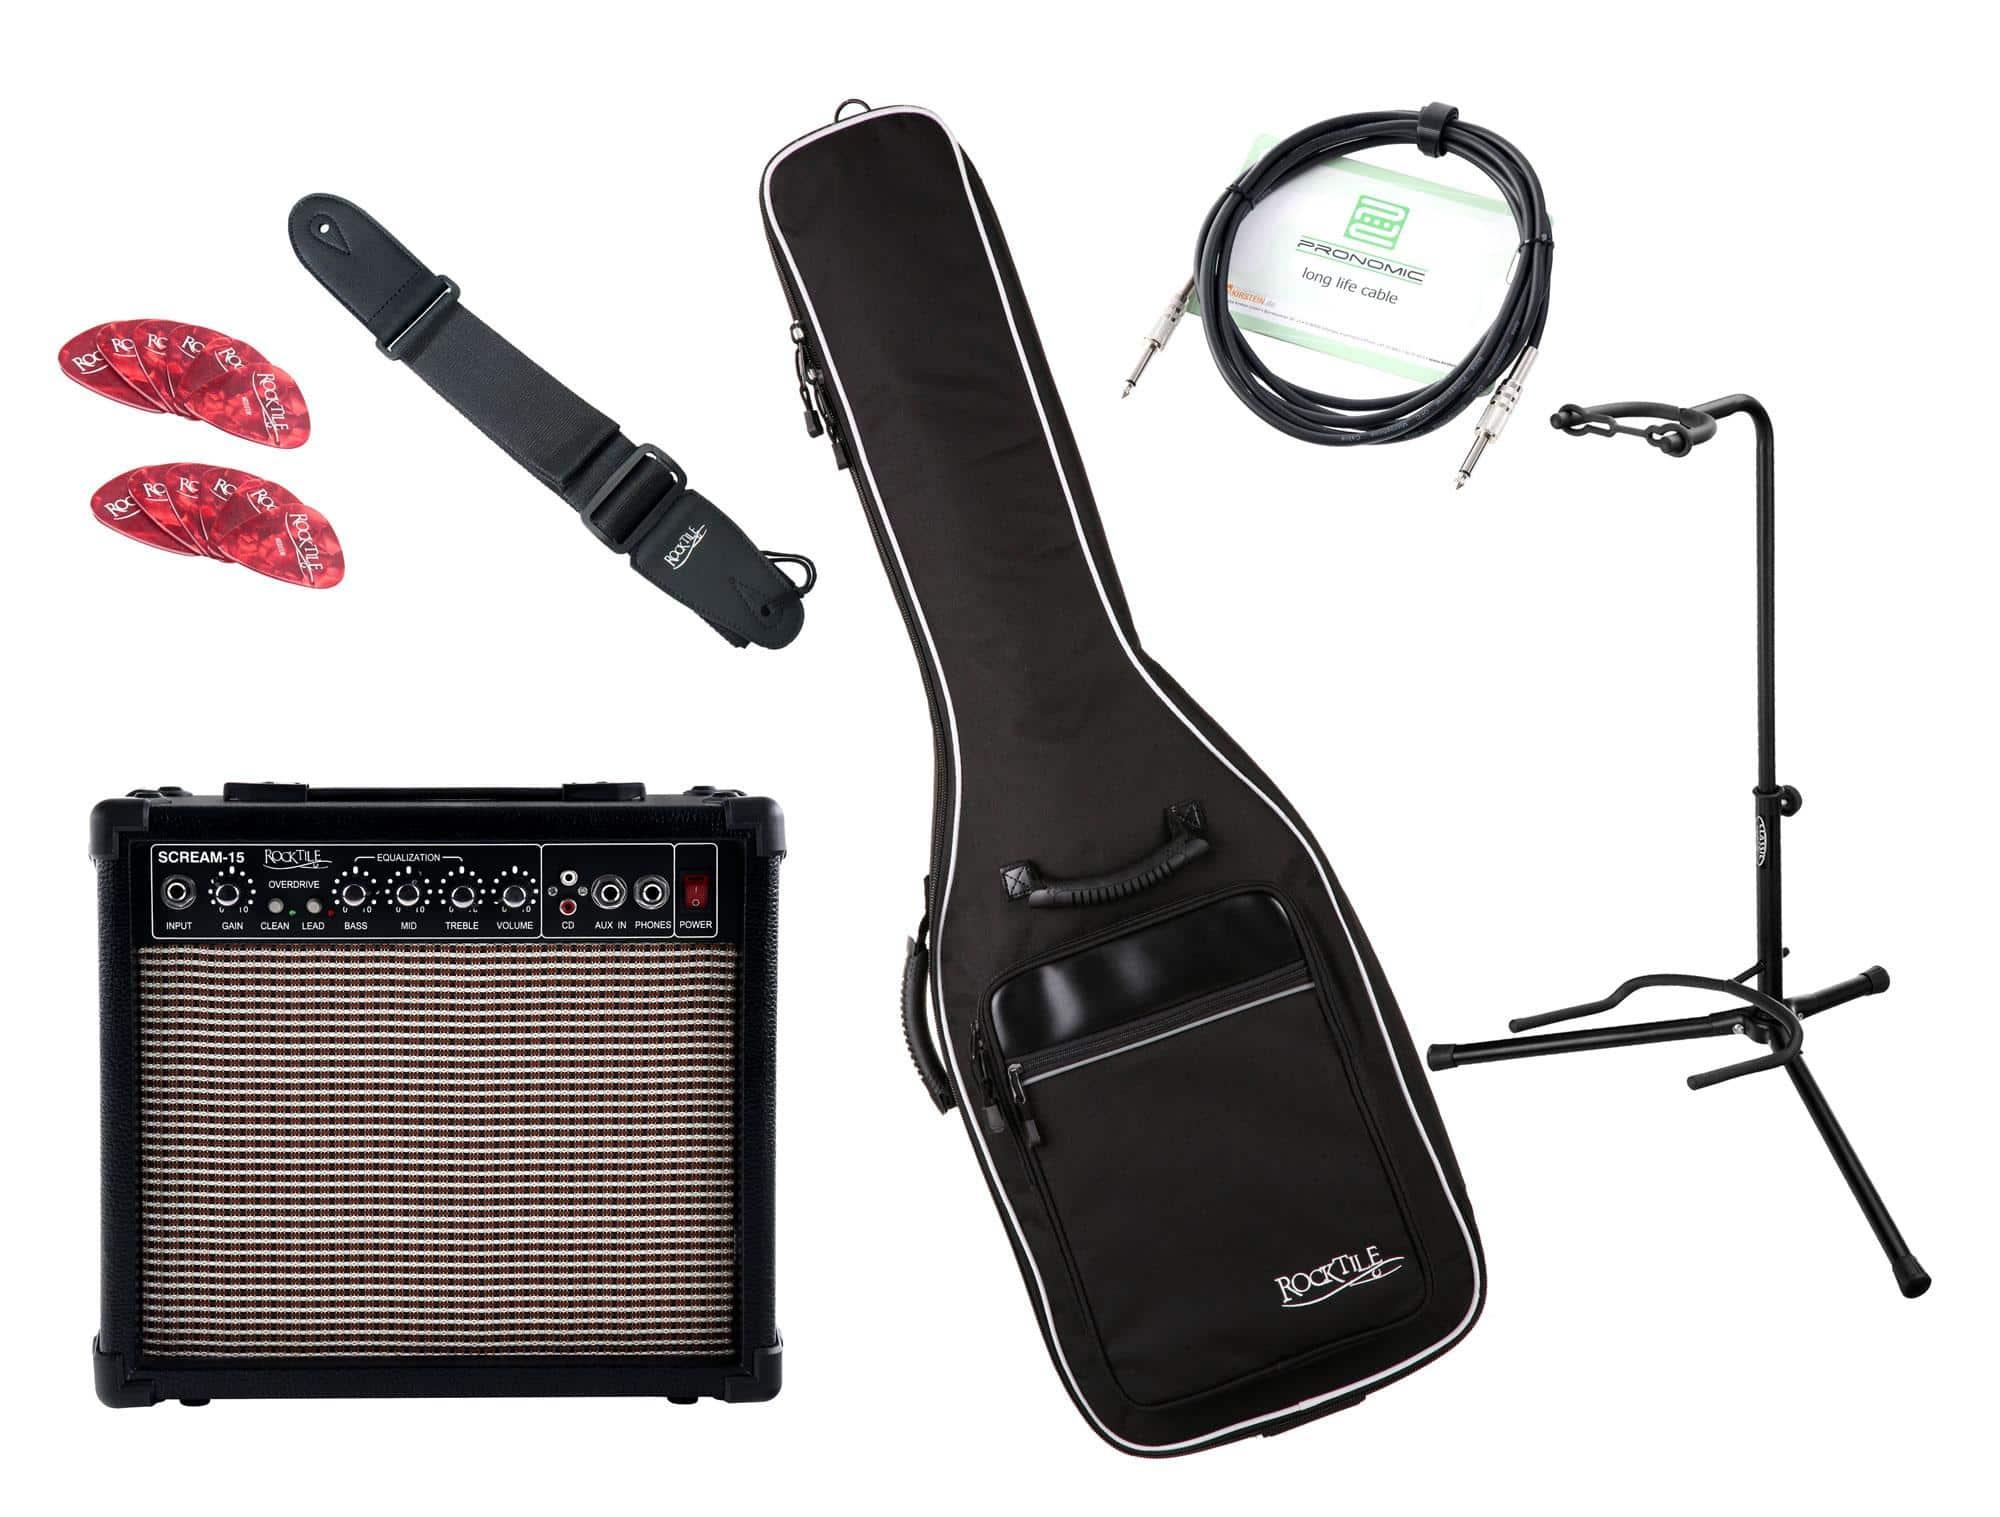 Zubehoergitarren - Rocktile E Gitarren Add On Komplettset medium inkl. Amp, Tasche, Gurt, Ständer, Kabel und Picks - Onlineshop Musikhaus Kirstein